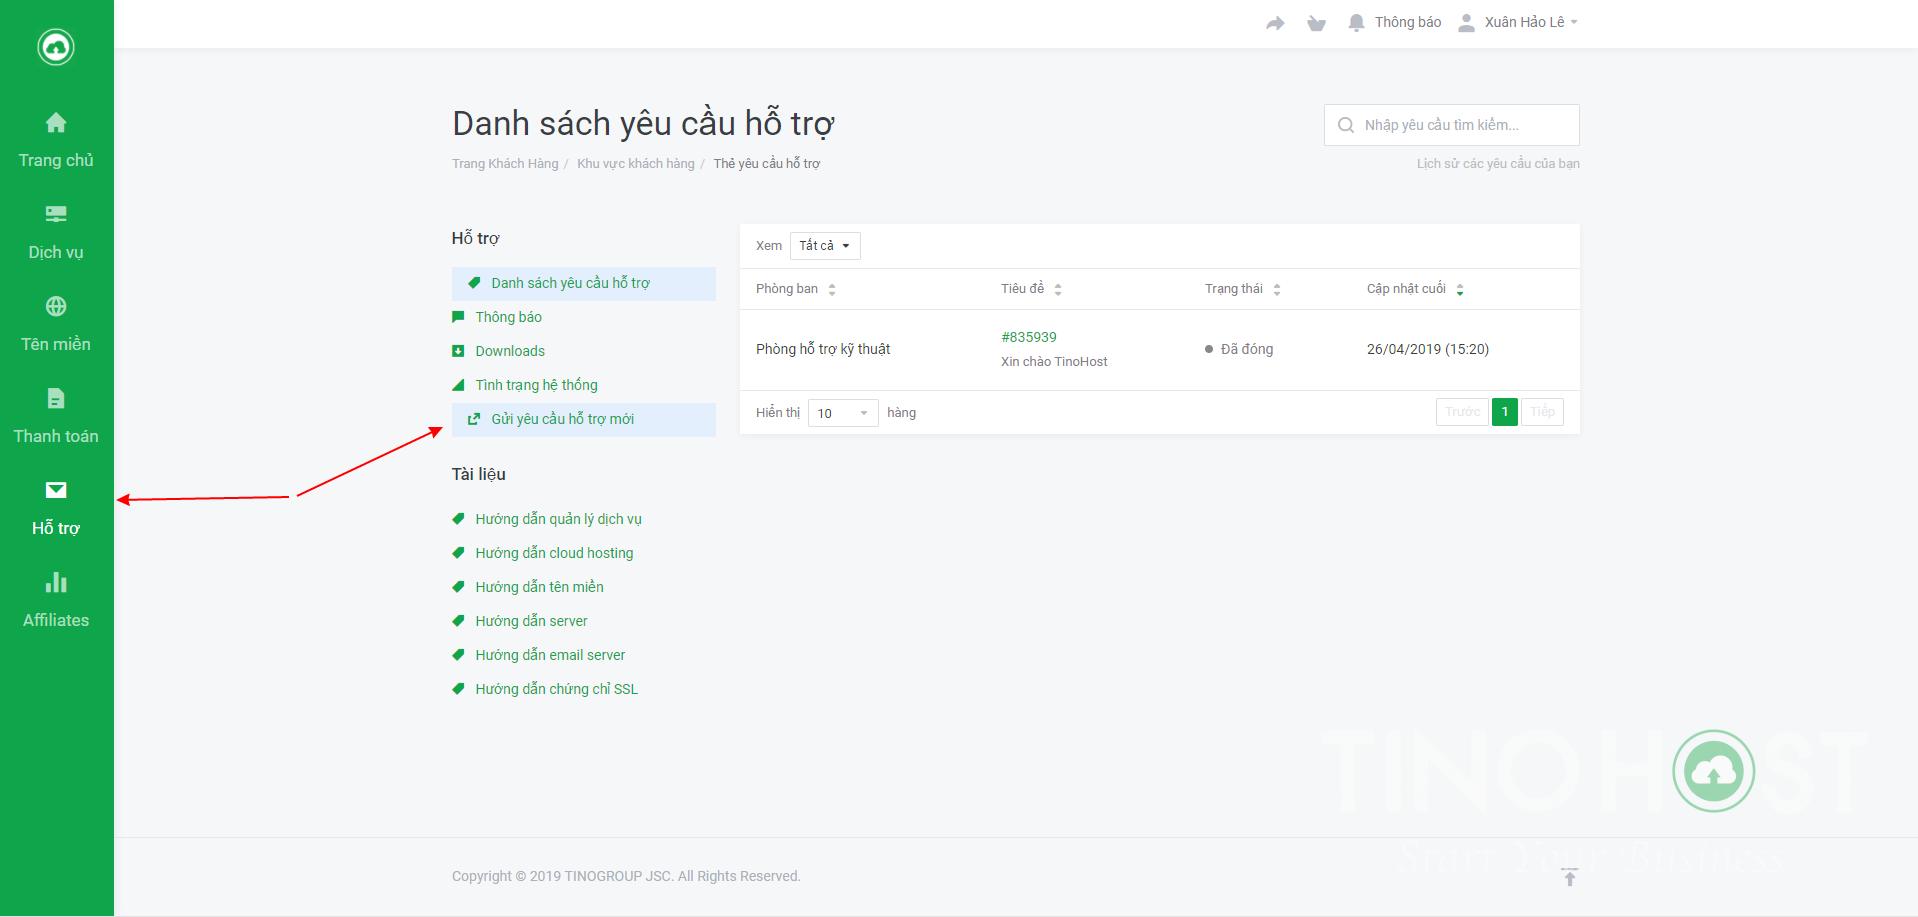 [Client] Hướng dẫn gửi yêu cầu hỗ trợ tại TinoHost 1